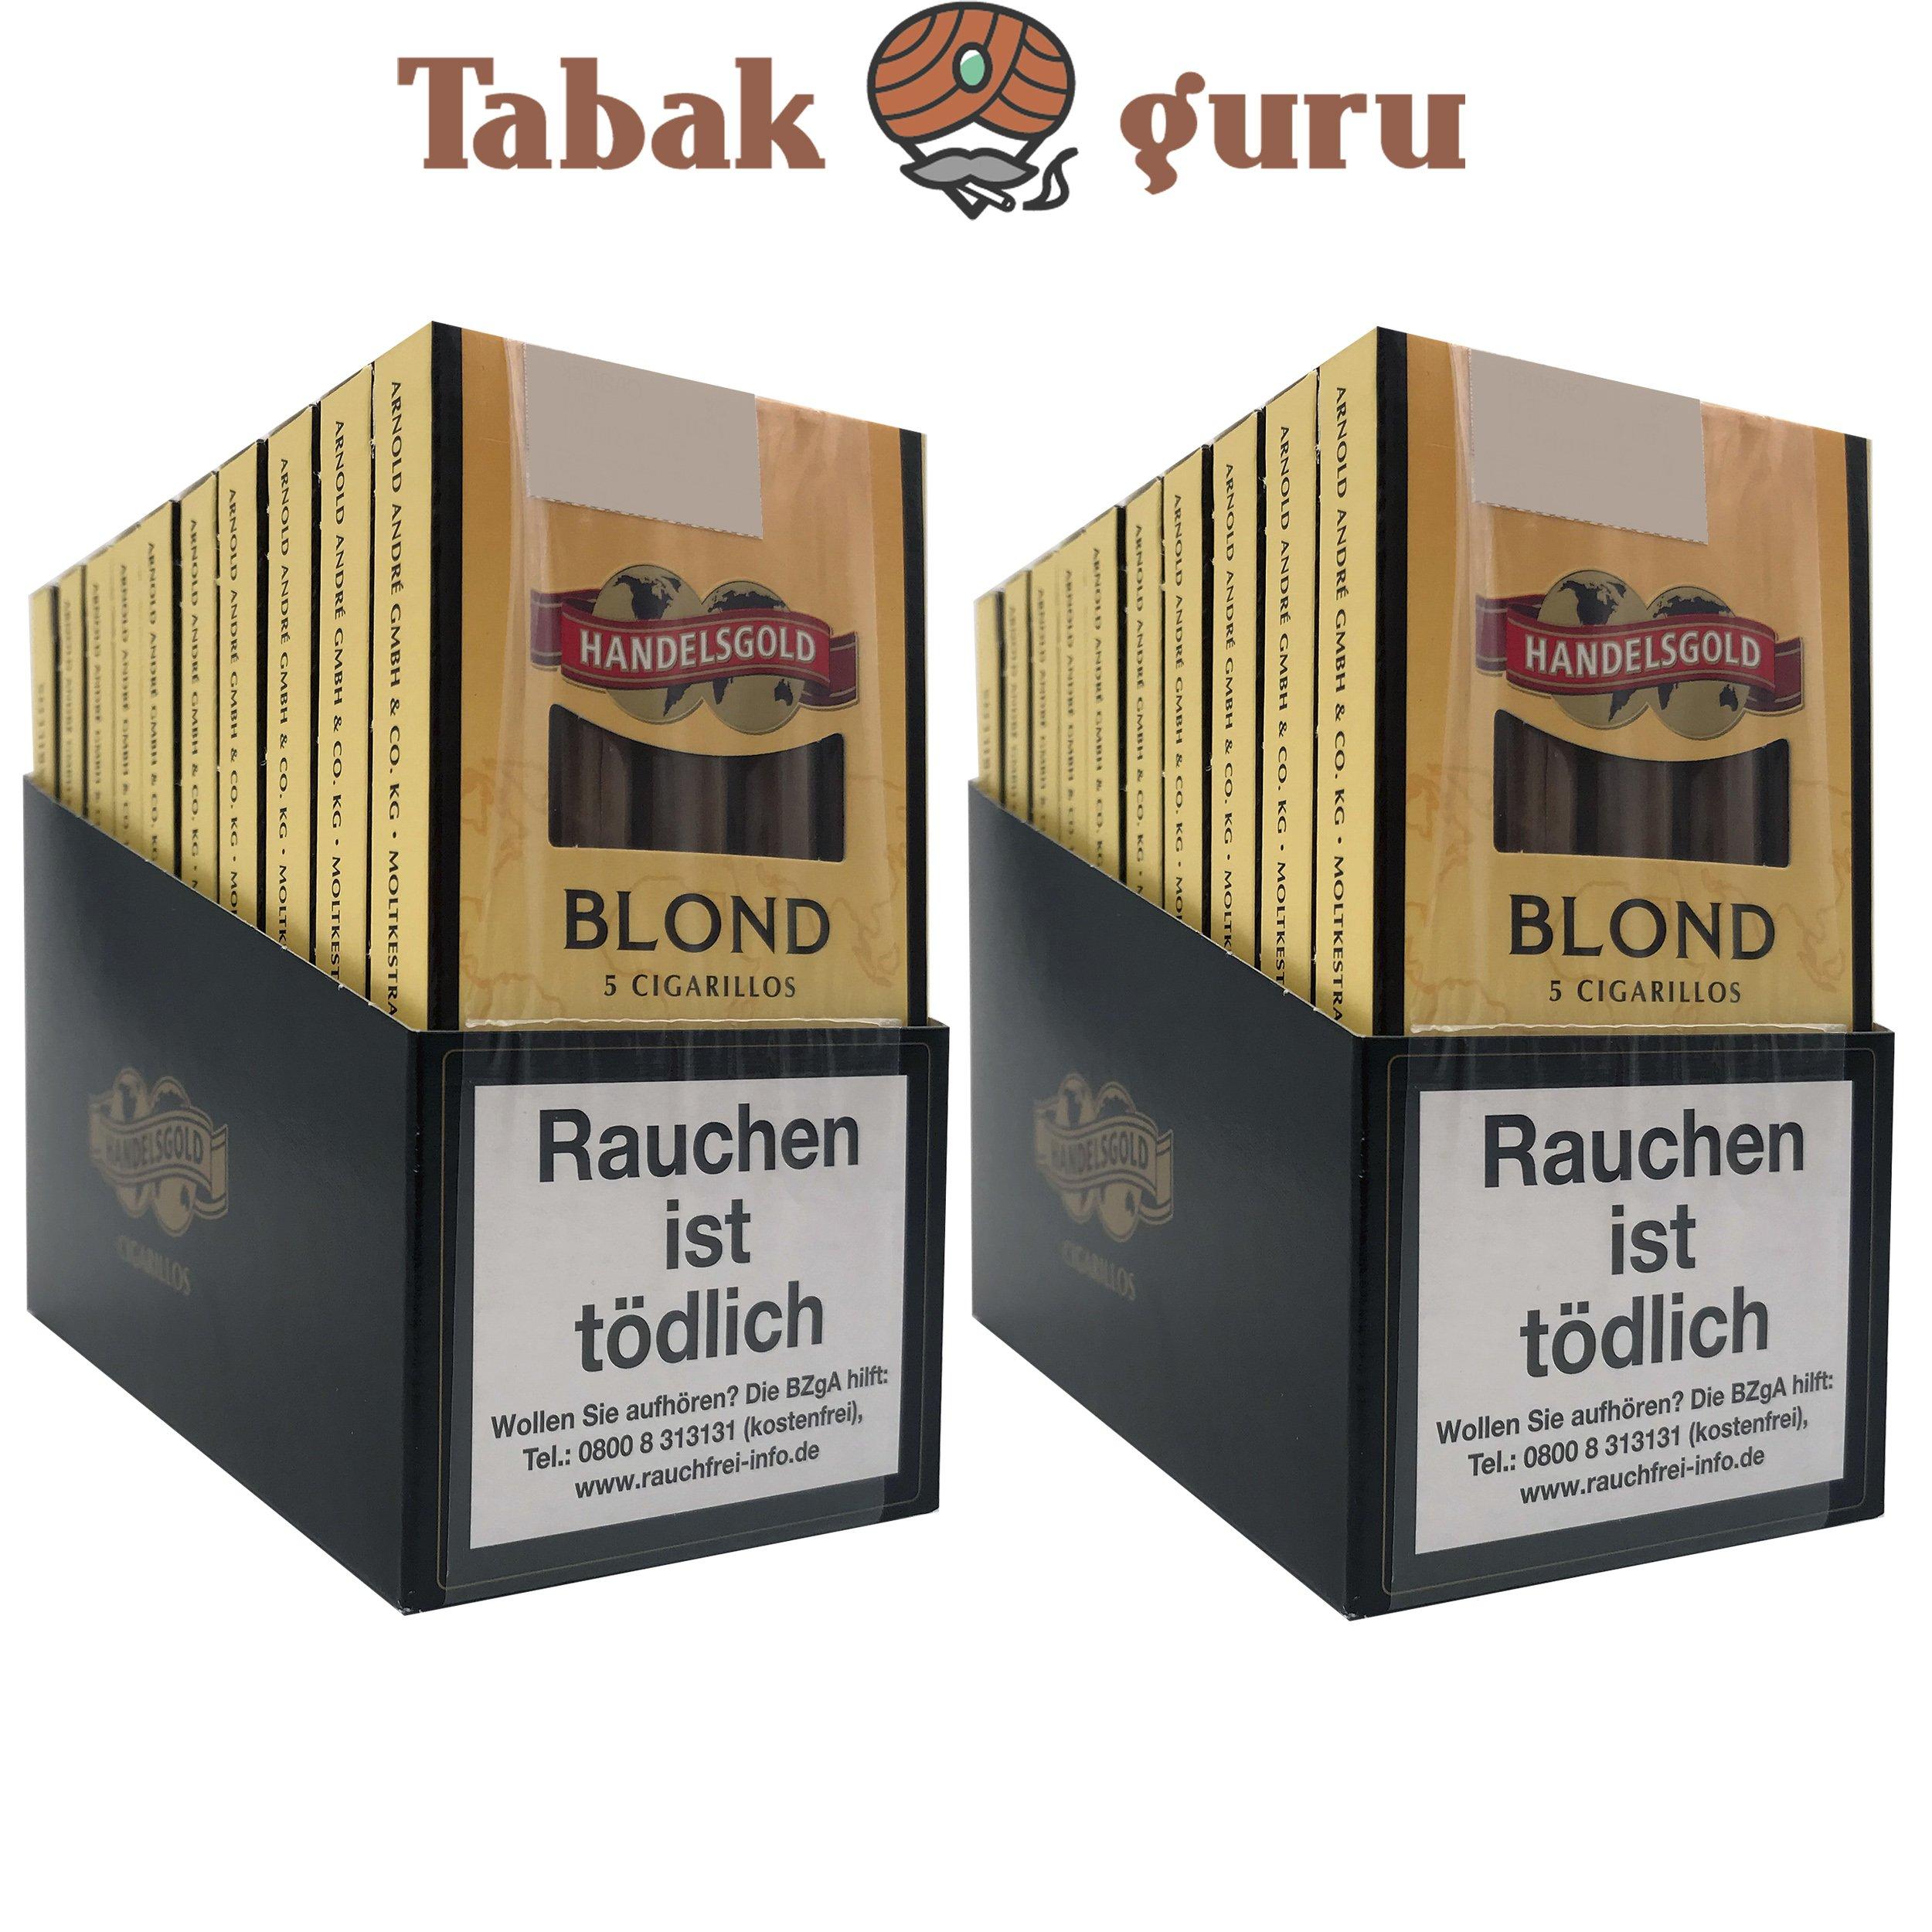 20x Handelsgold No. 211 Blond Filterzigarillos à 5 Stück